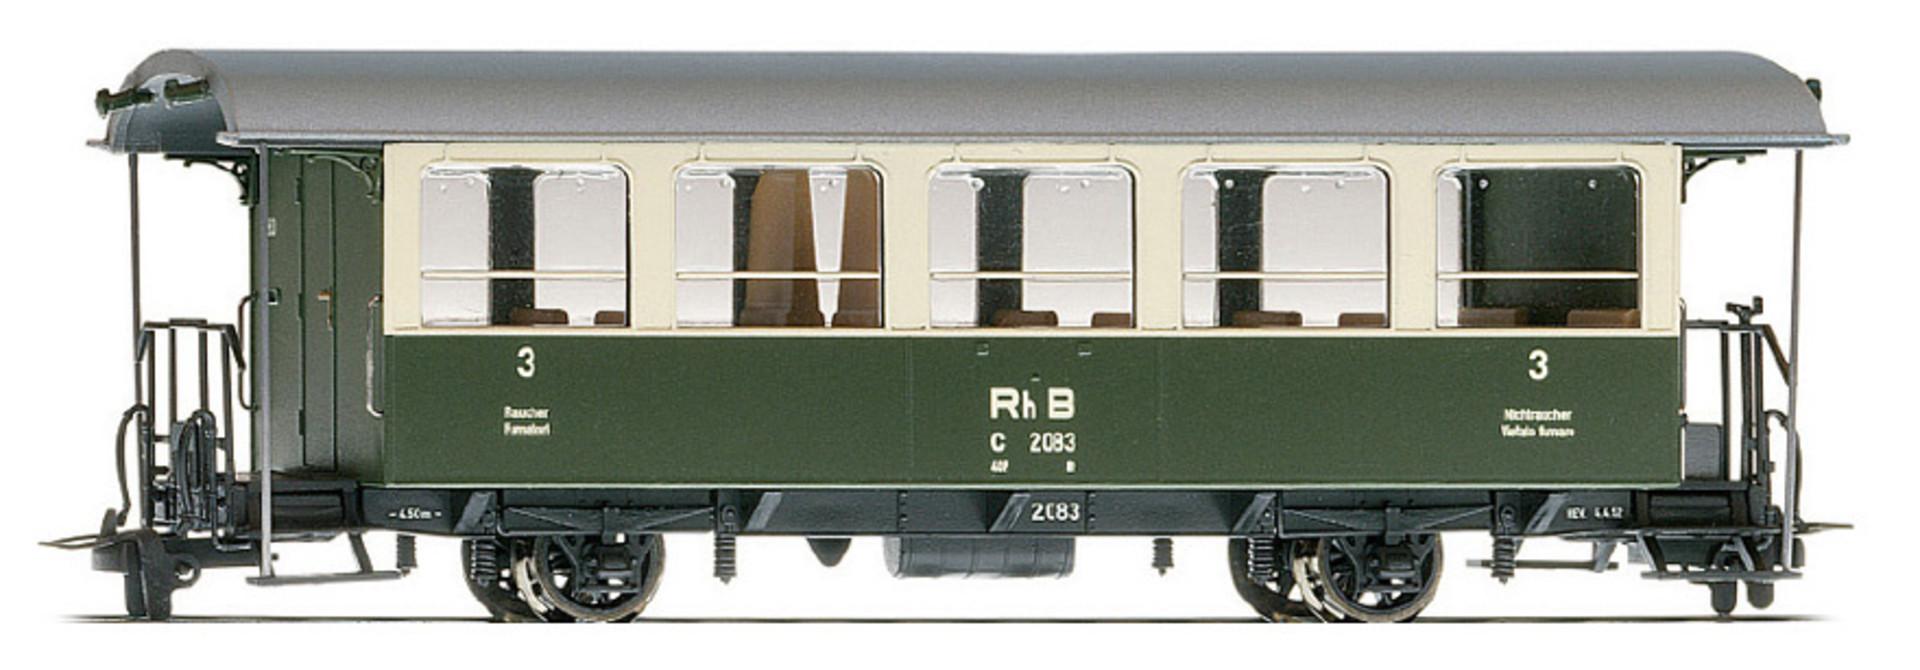 3238111 RhB C 2081 Zweiachser grün/beige